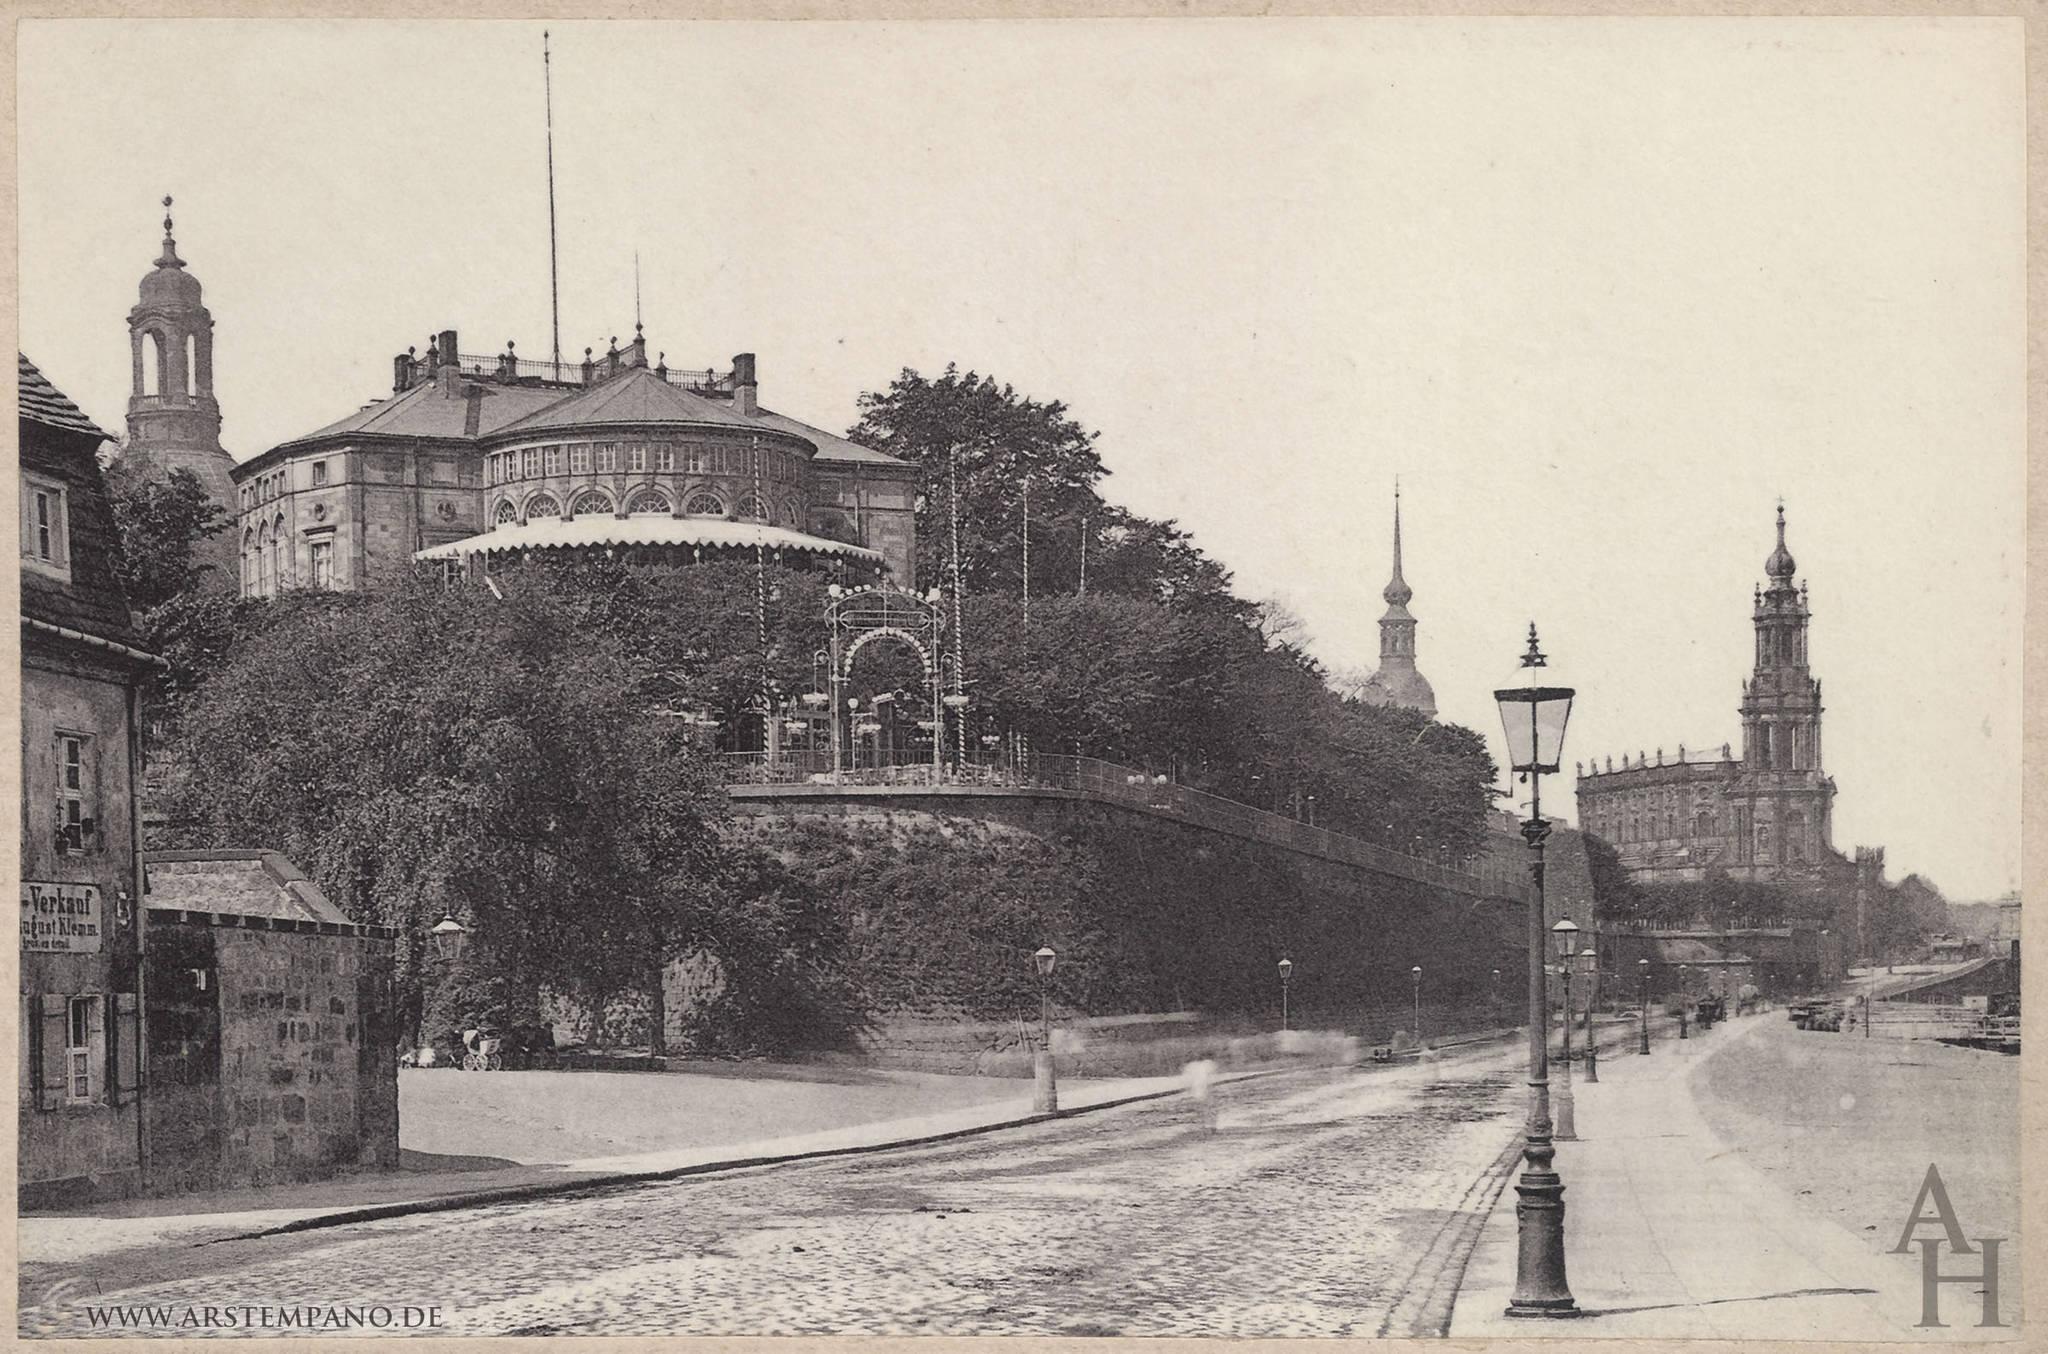 Bruhlsche Terrasse Dresden Arstempano